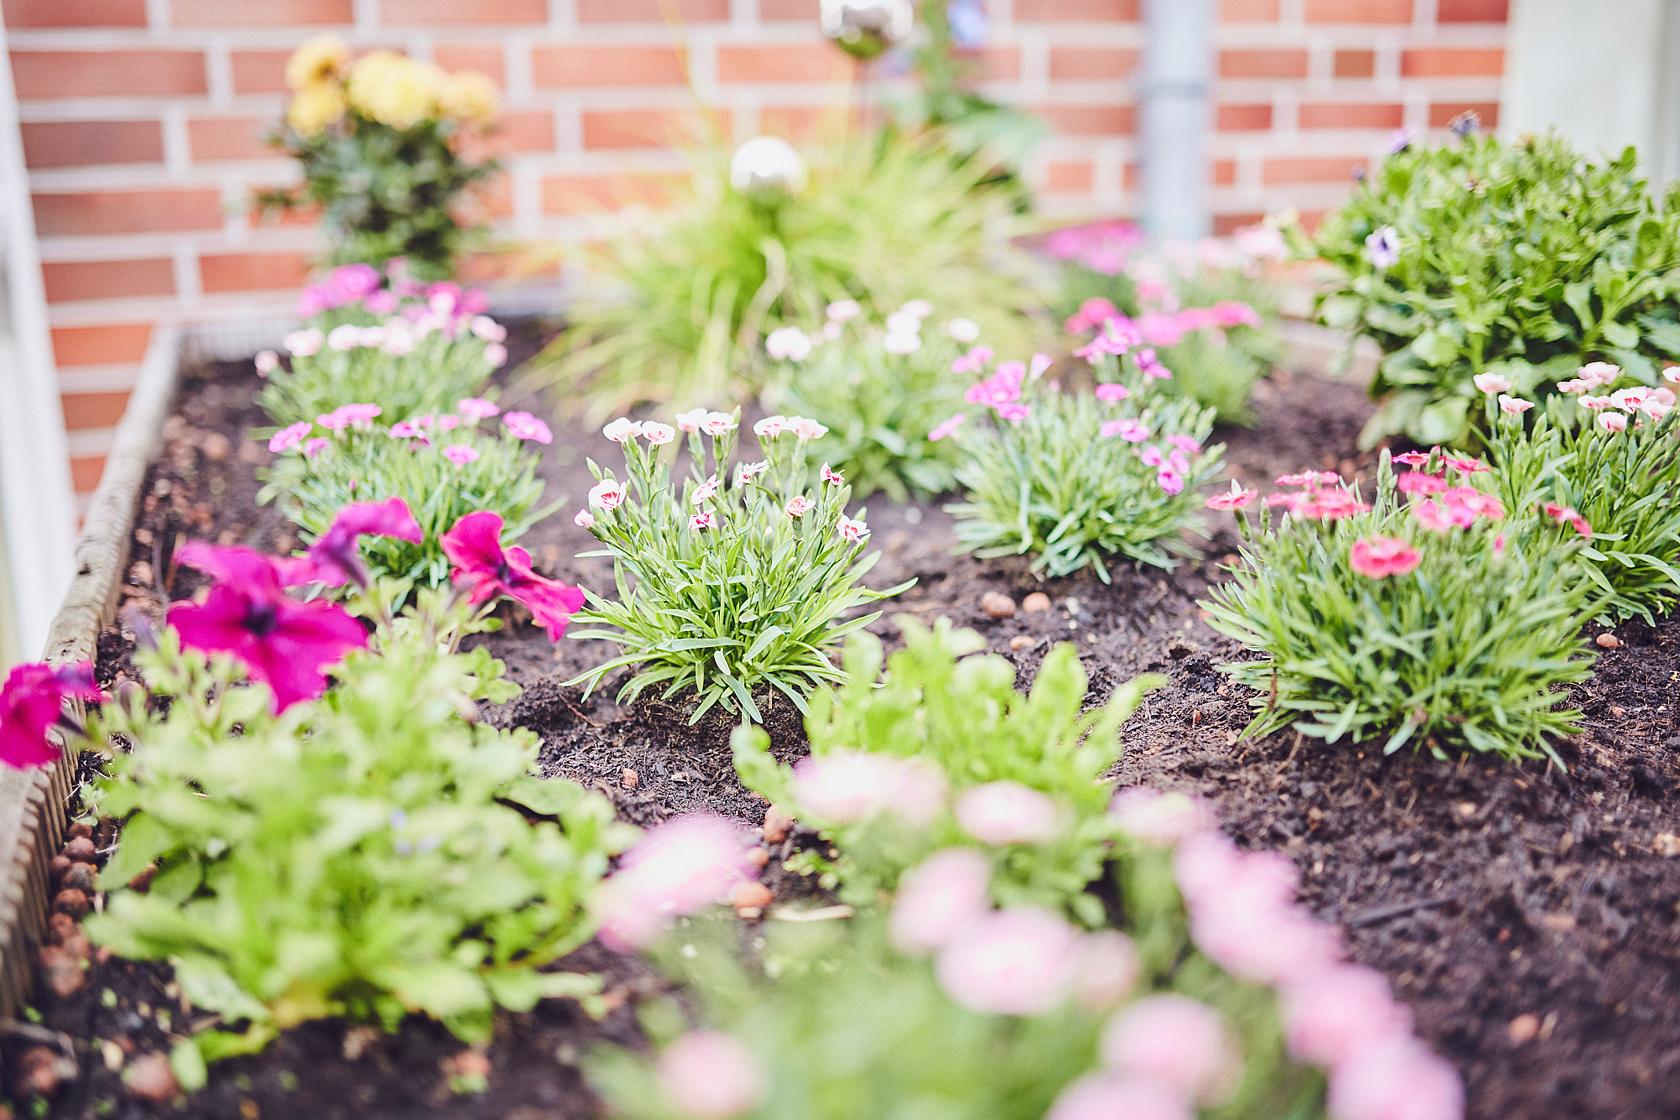 ein frisch gepflanztes buntes Blumenbeet im Johanniter-Haus Hörde